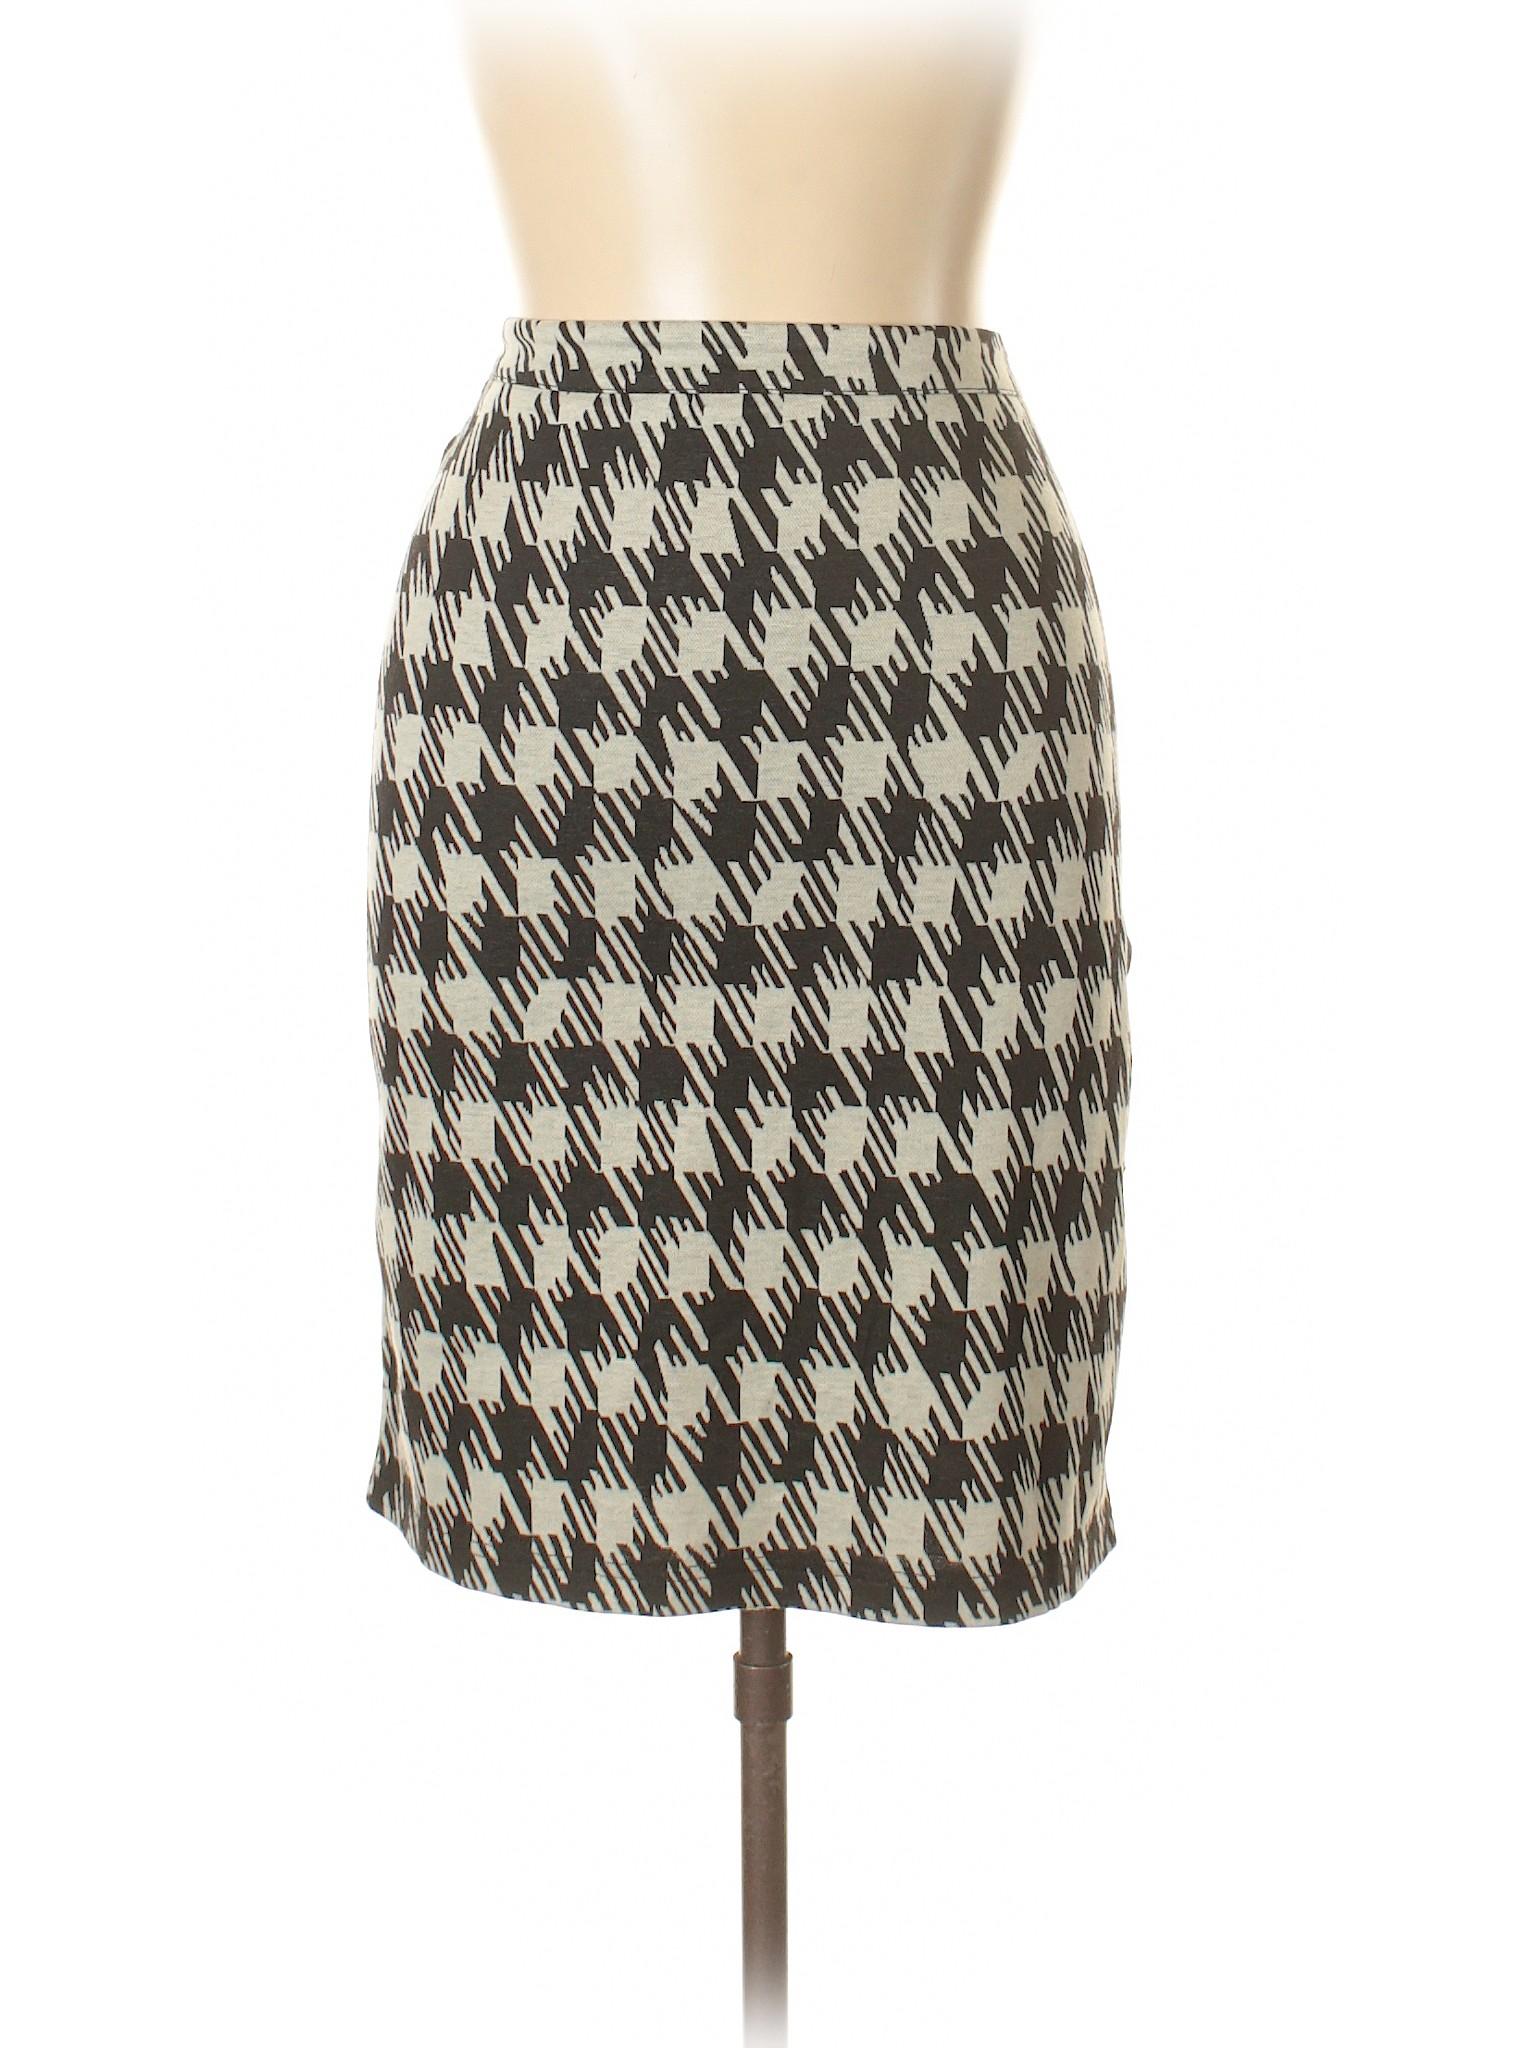 Boutique Casual Casual Skirt Boutique Casual Boutique Casual Skirt Boutique Skirt Casual Skirt Boutique rfdwBrAnq